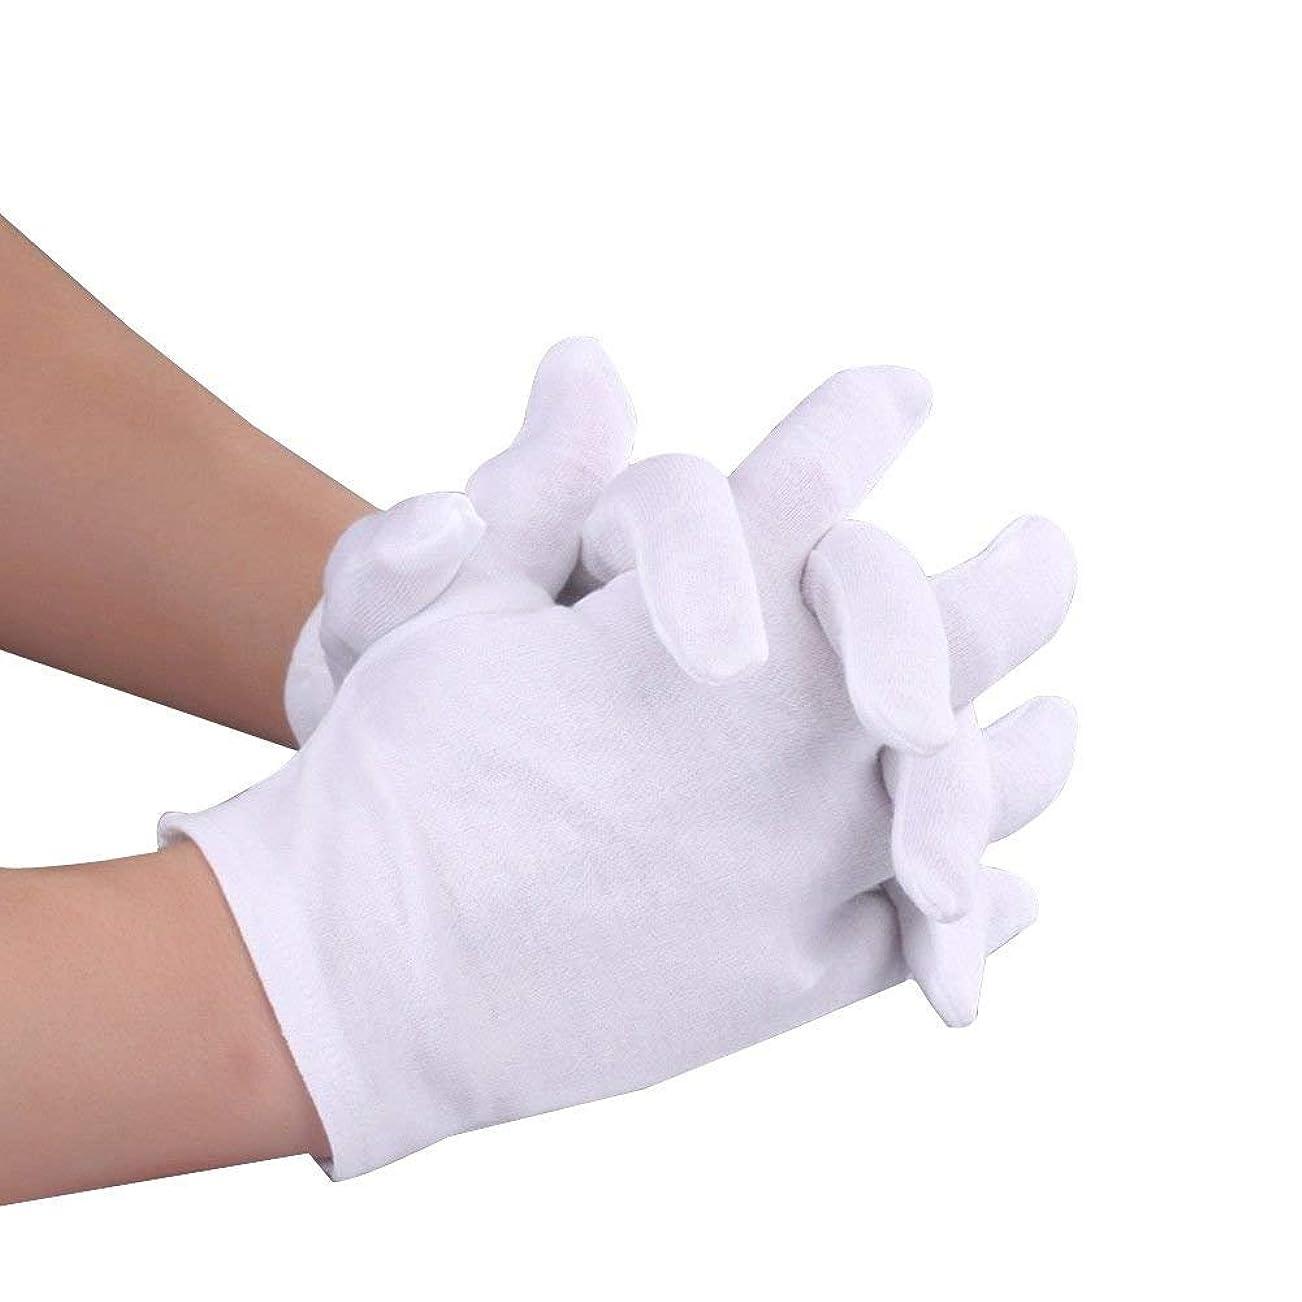 ペリスコープオープナー再開Wolfride 15Pairs コットン手袋 綿手袋 インナーコットン手袋 ガーデニング用手袋 入り Sサイズ 湿疹用 乾燥肌用 保湿用 家事用 礼装用